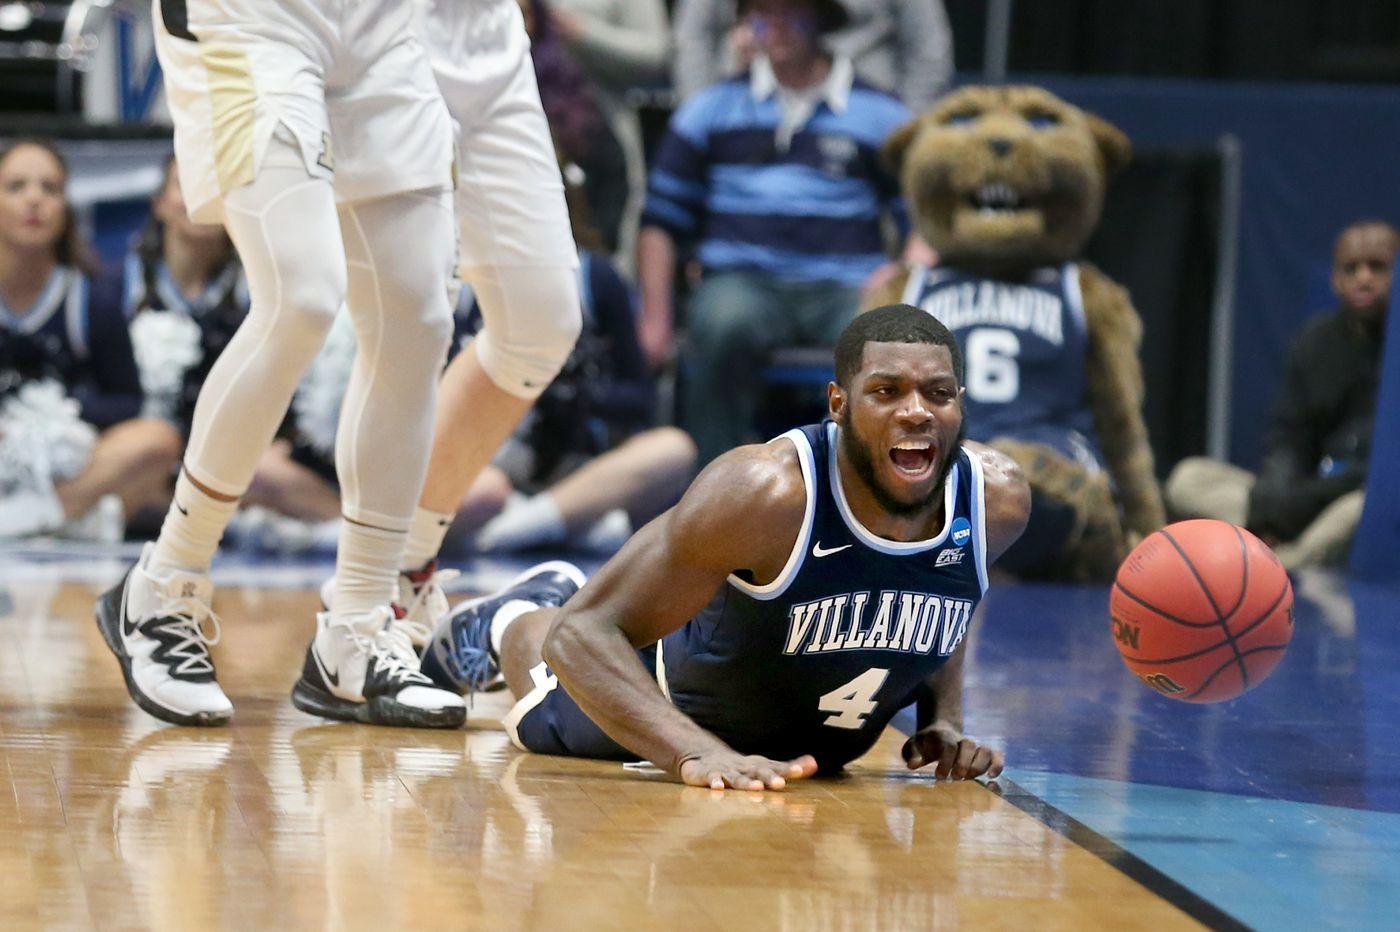 Villanova shows its age in NCAA Tournament loss to Purdue | Bob Ford